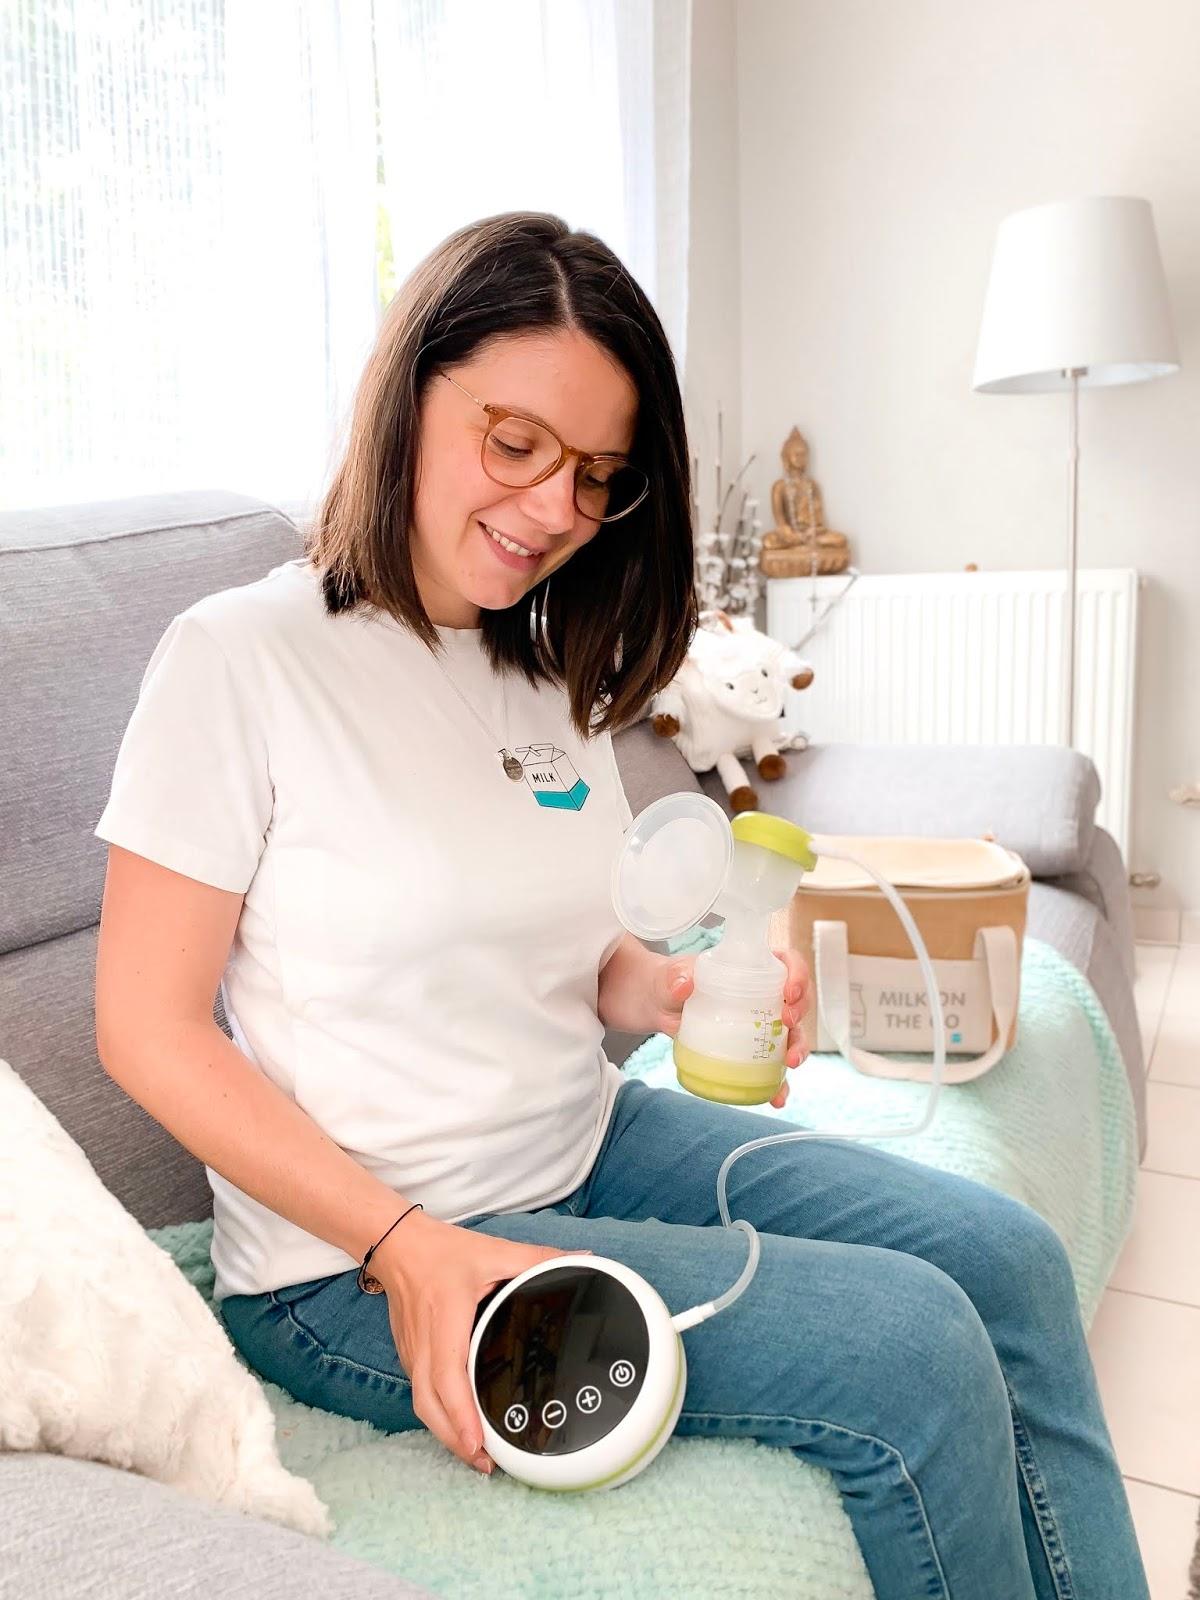 allaitement exclusif maternage experience césarienne sevrage normalizebreastfeeding quotidien quantité reflexe d'éjection fort leache league vêtement d'allaitement allaiter partout tire lait mam